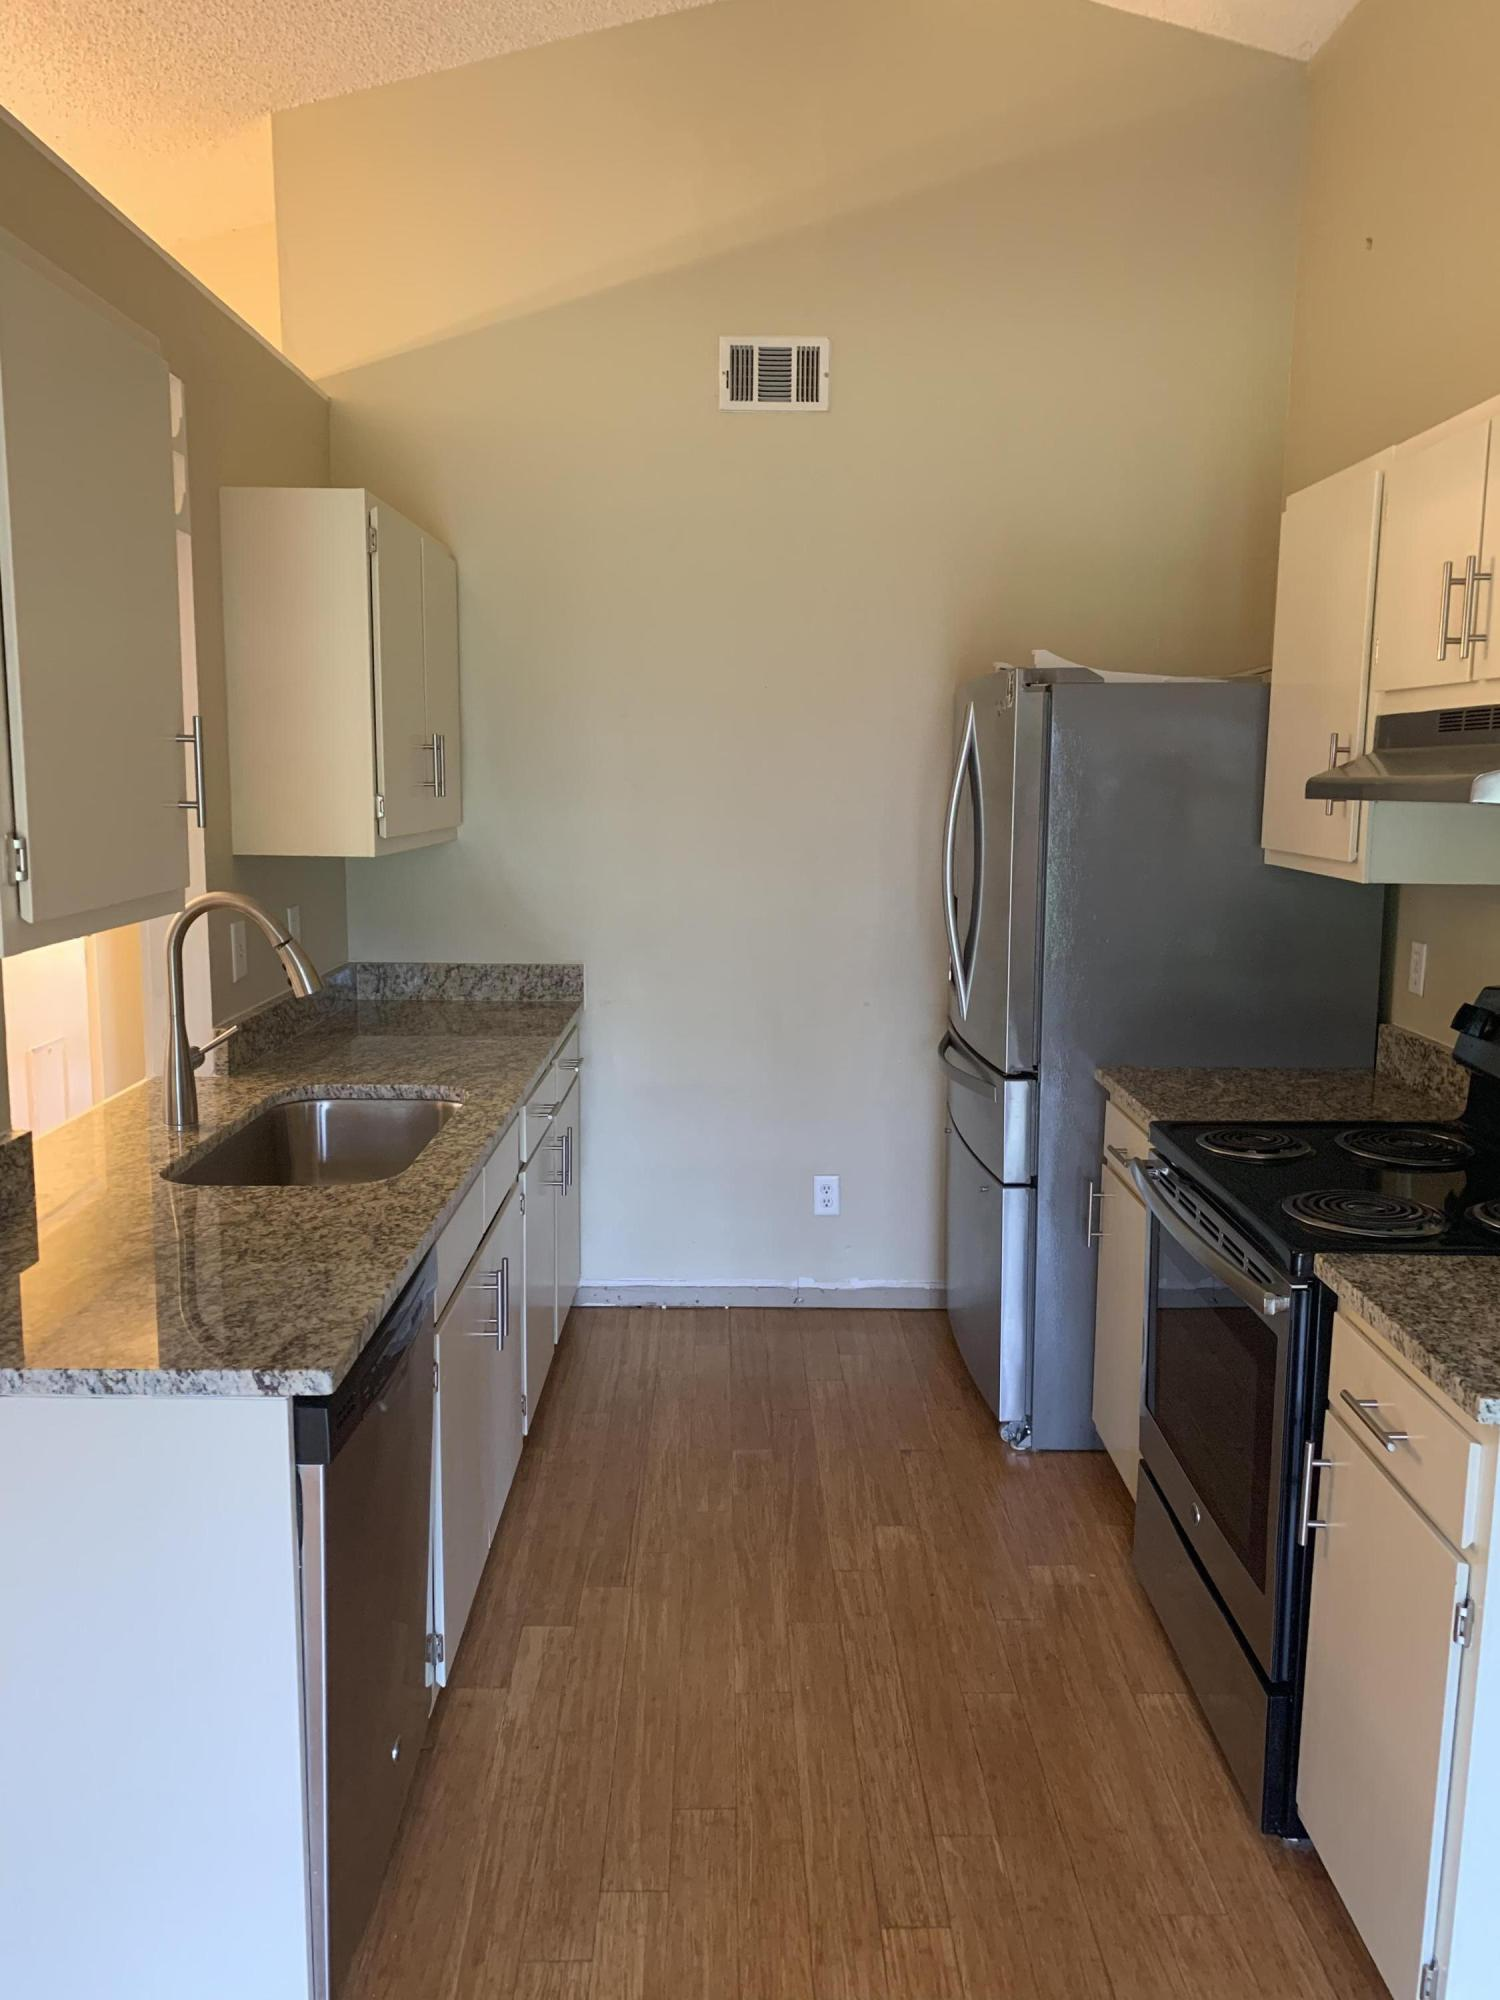 Willow Walk Homes For Sale - 1144 Oakcrest, Charleston, SC - 8